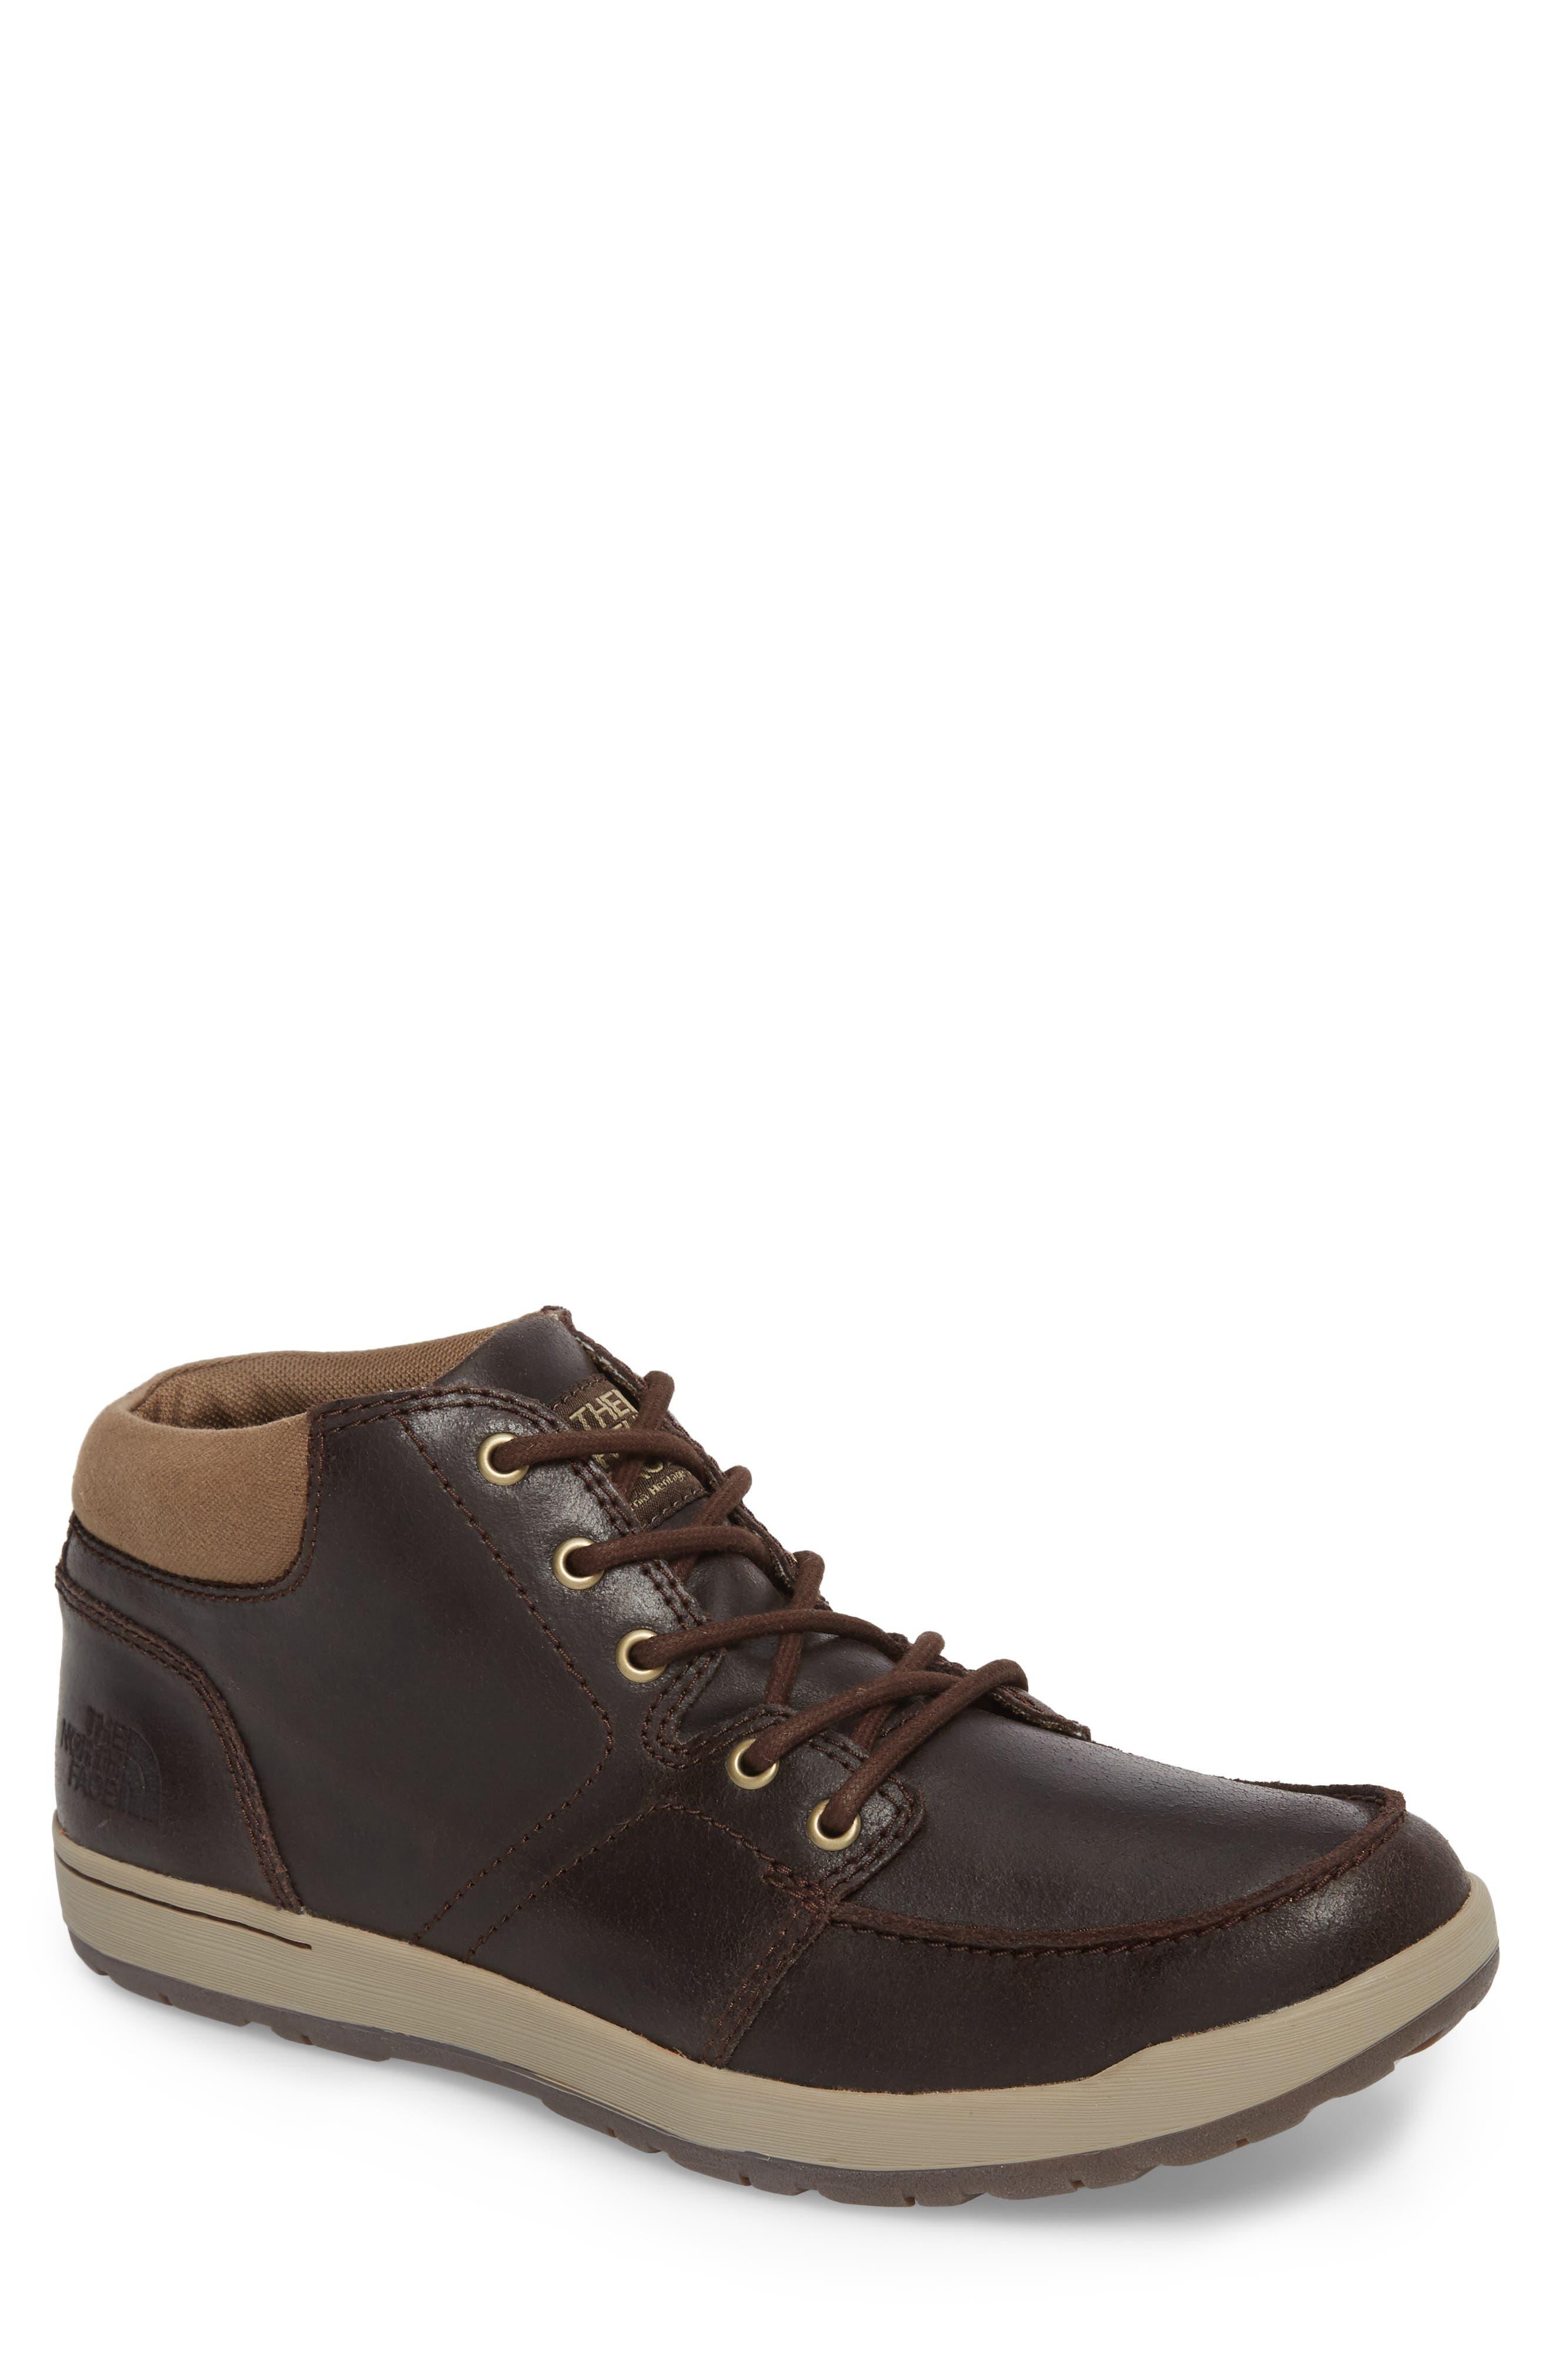 Main Image - The North Face Ballard Evo Moc Toe Boot (Men)